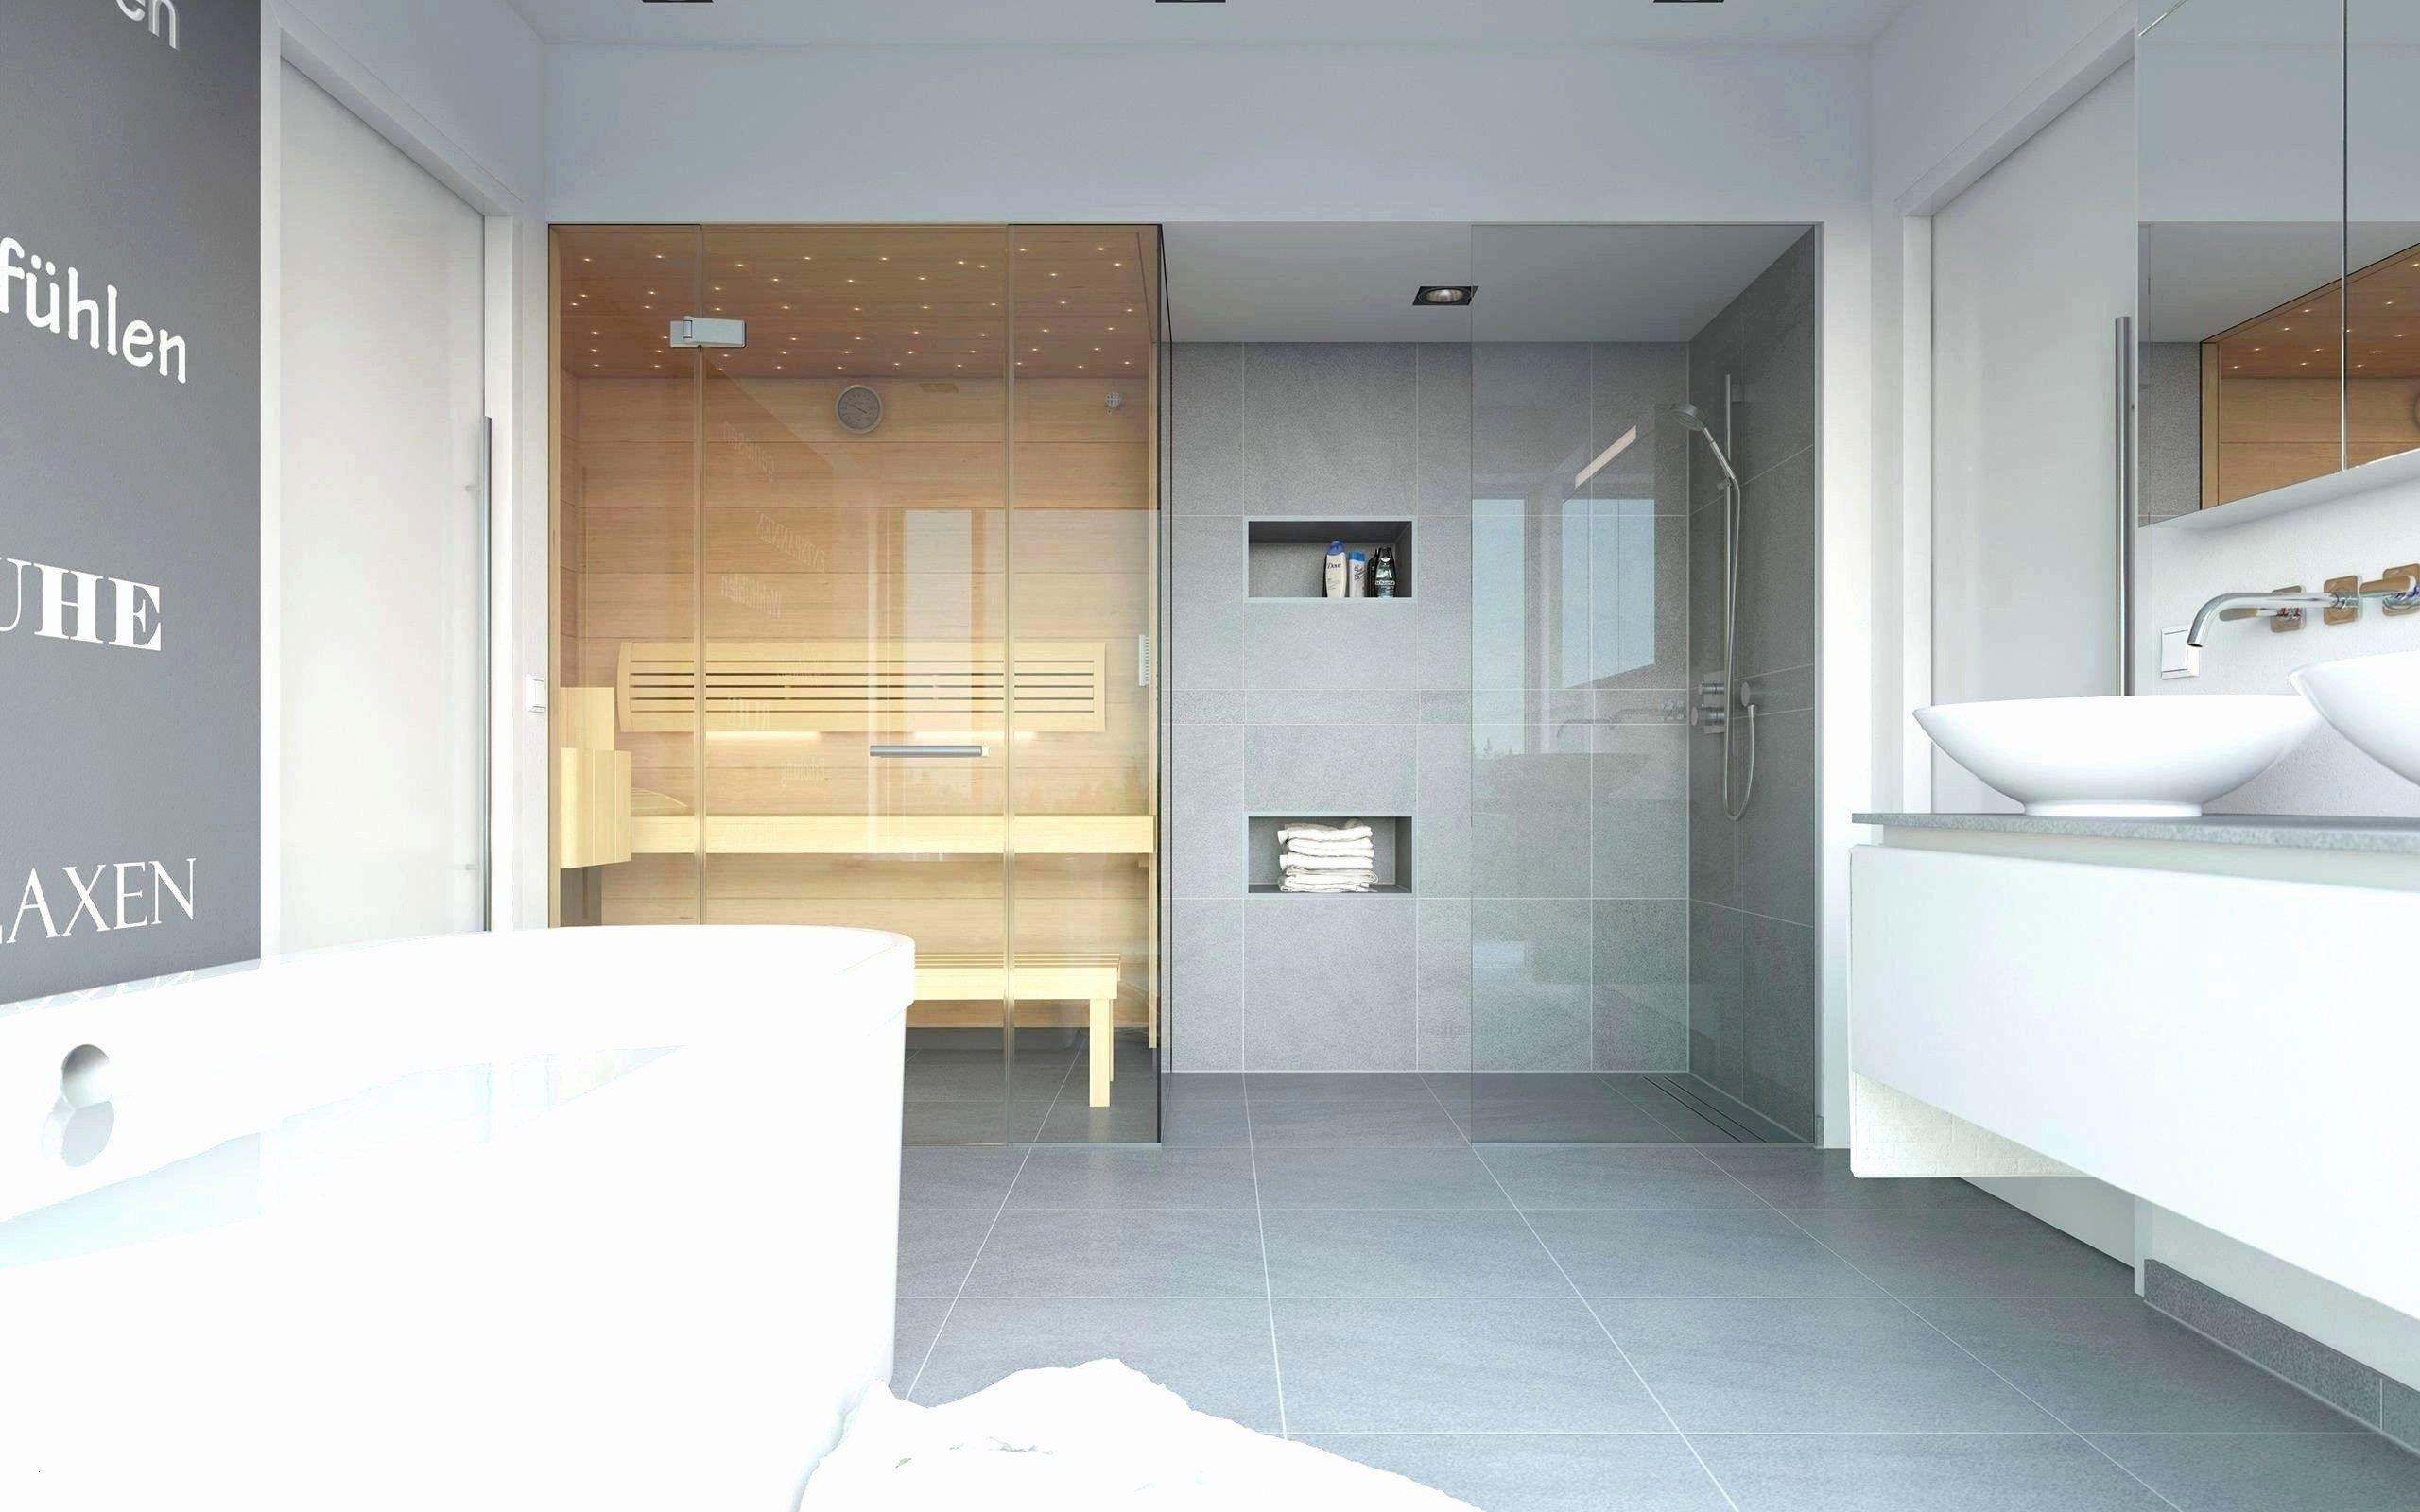 14 Badezimmer Sanieren Kosten Kleines Bad Sanieren Kosten Schon Badezimmer Planen Kleines Bad Farbe Badezimmer Dekor